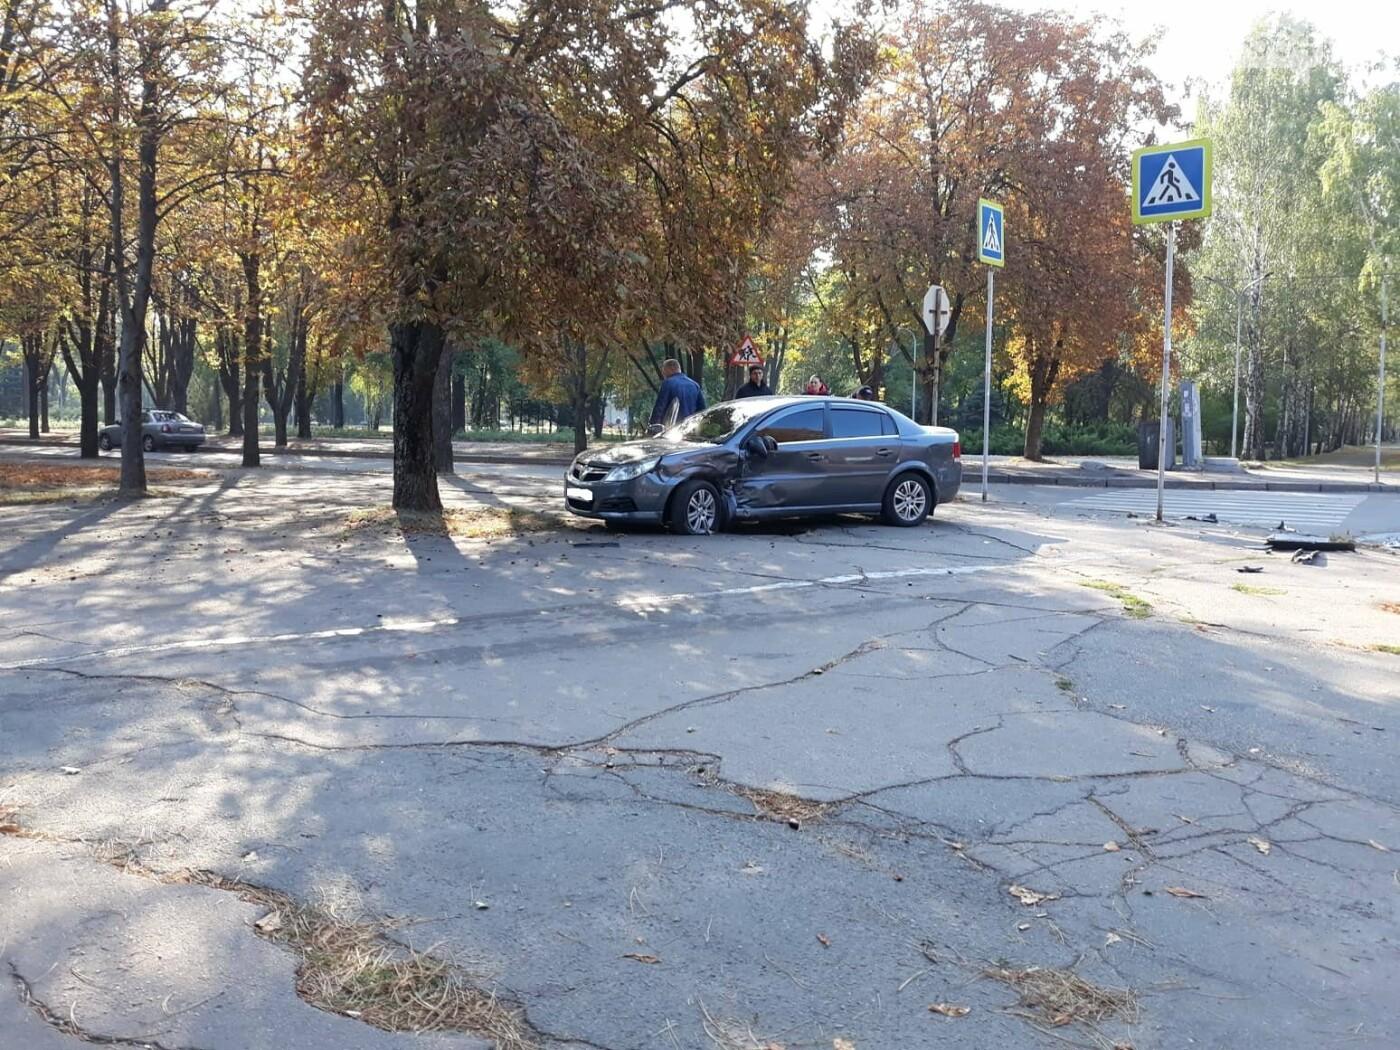 ДТП в Кривом Роге: от удара Chery выбросило далеко за пределы проезжей части, фото-2